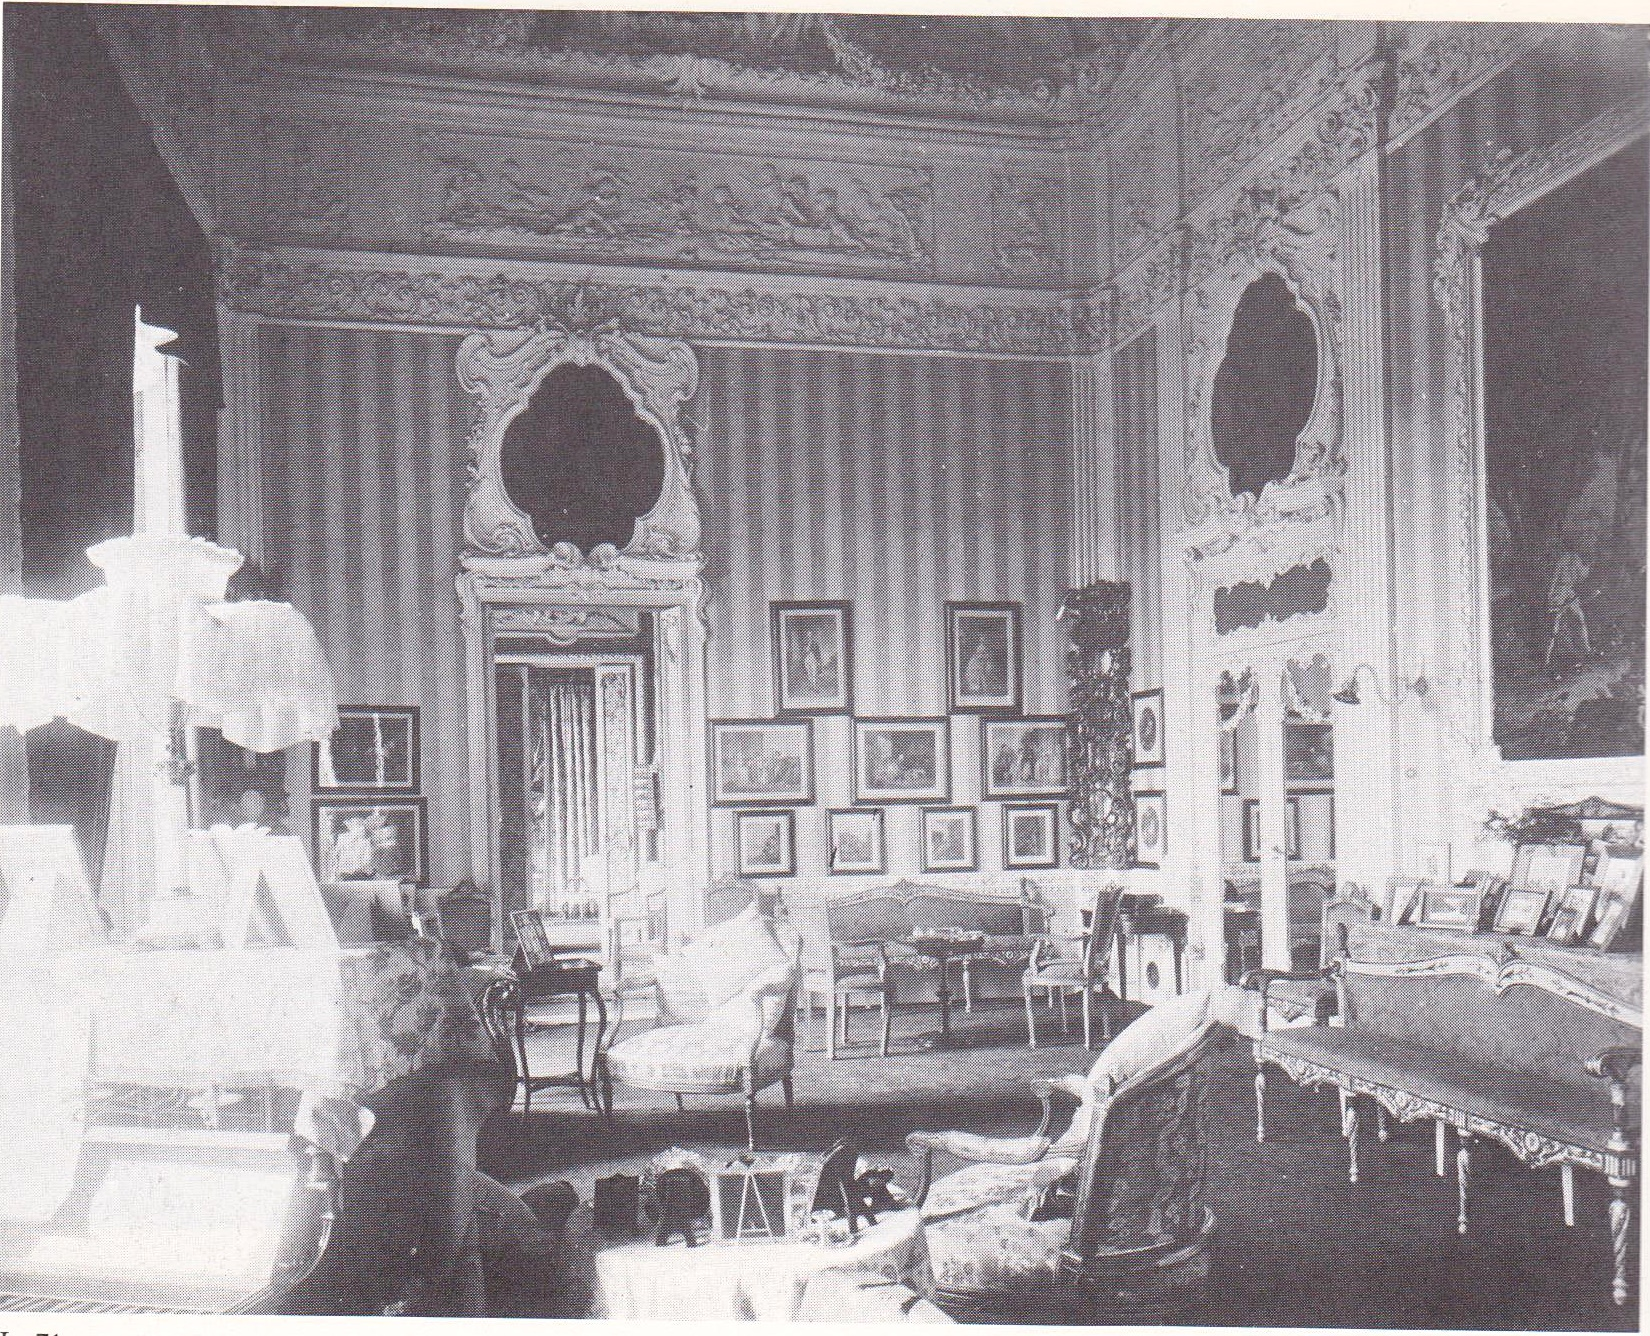 rocaille-blog-palazzo-brancaccio-museo-arte-orientale-78